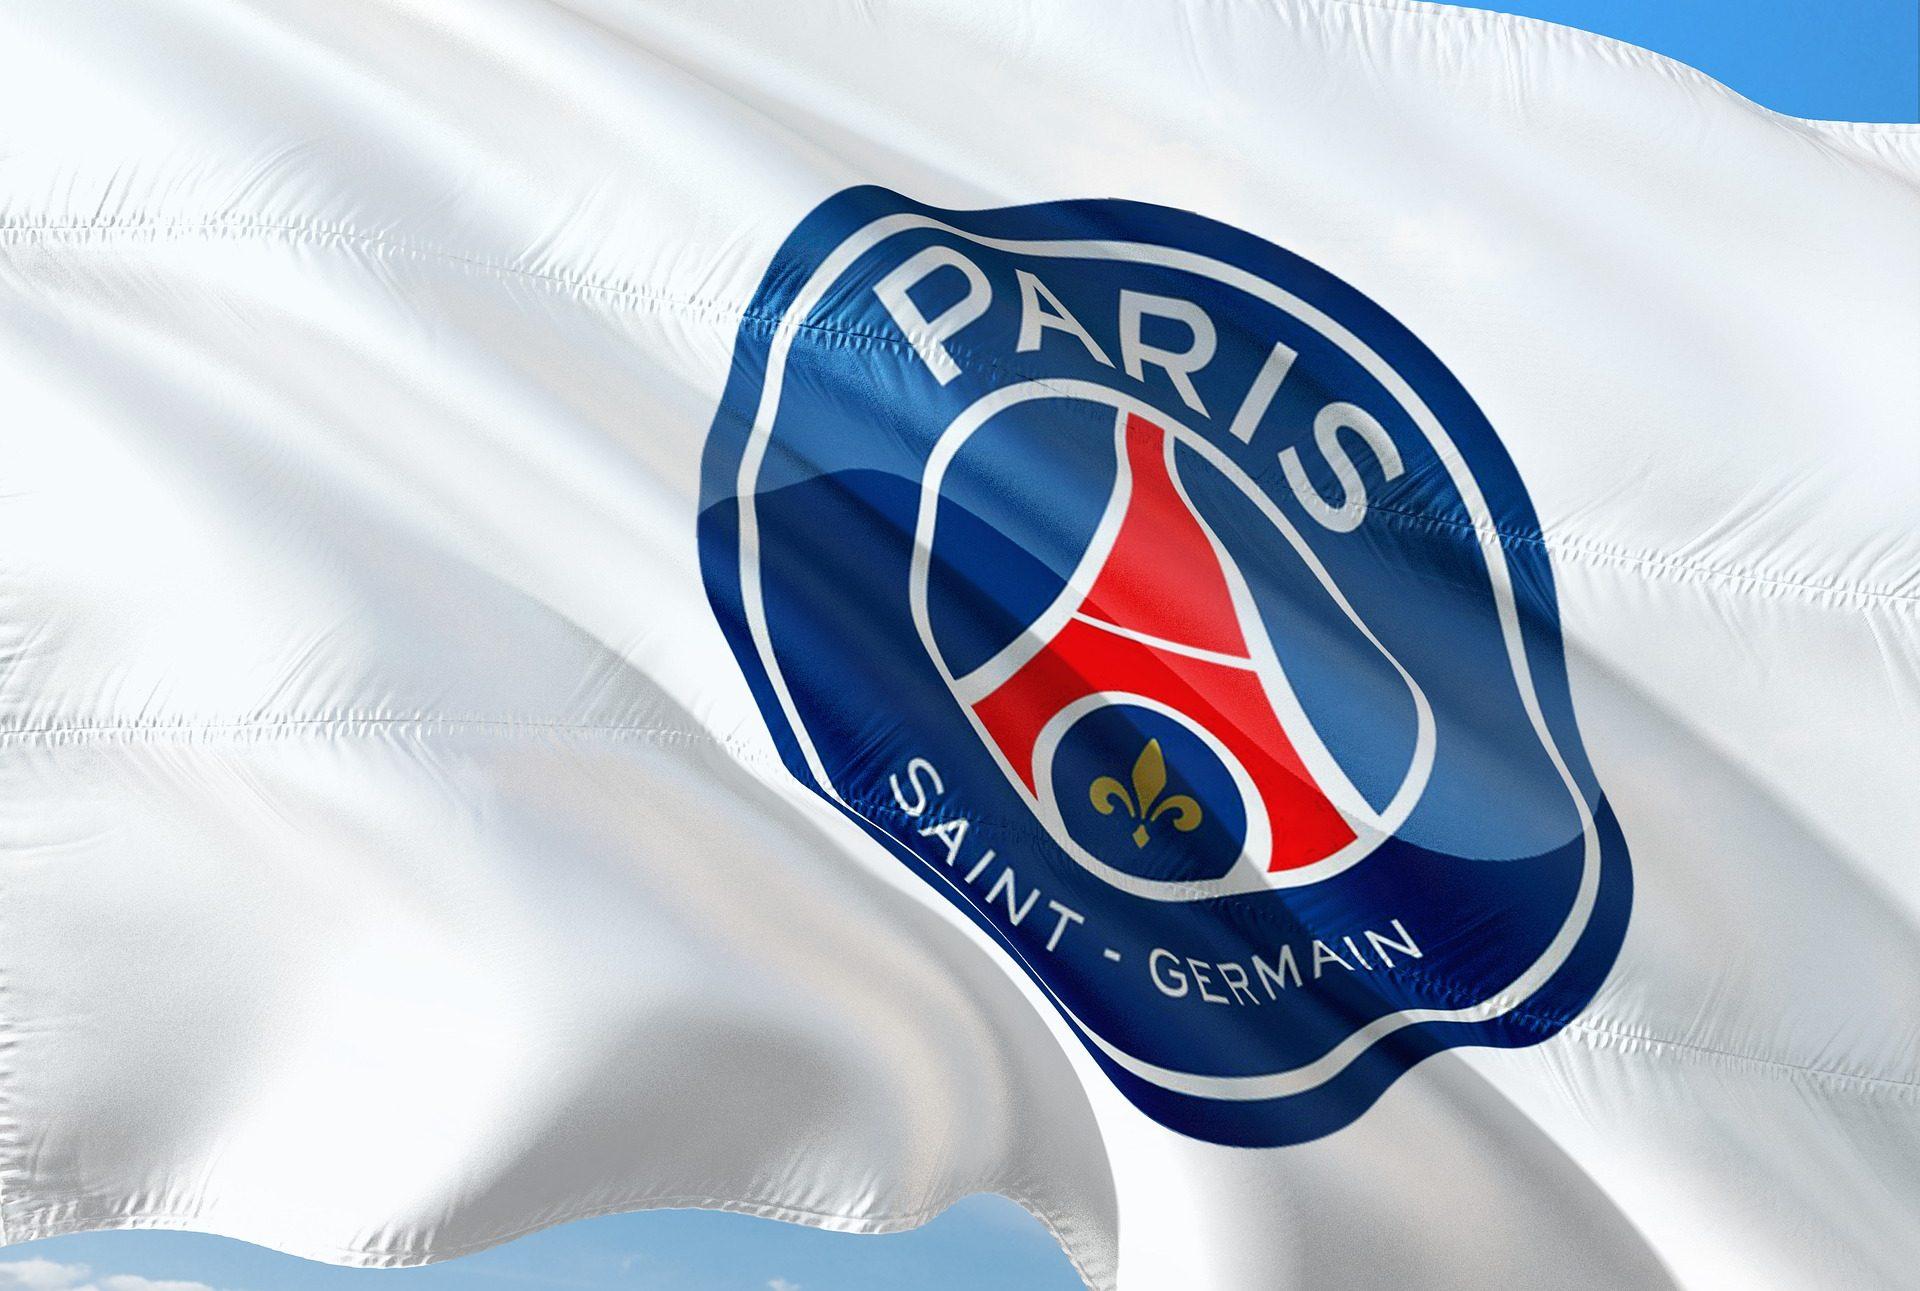 Estrellas mundiales del fútbol como Neymar y Kylian Mbappé tendrán su coleccionable digital blockchain, luego de la alianza del Paris Saint-Germain con Sorare